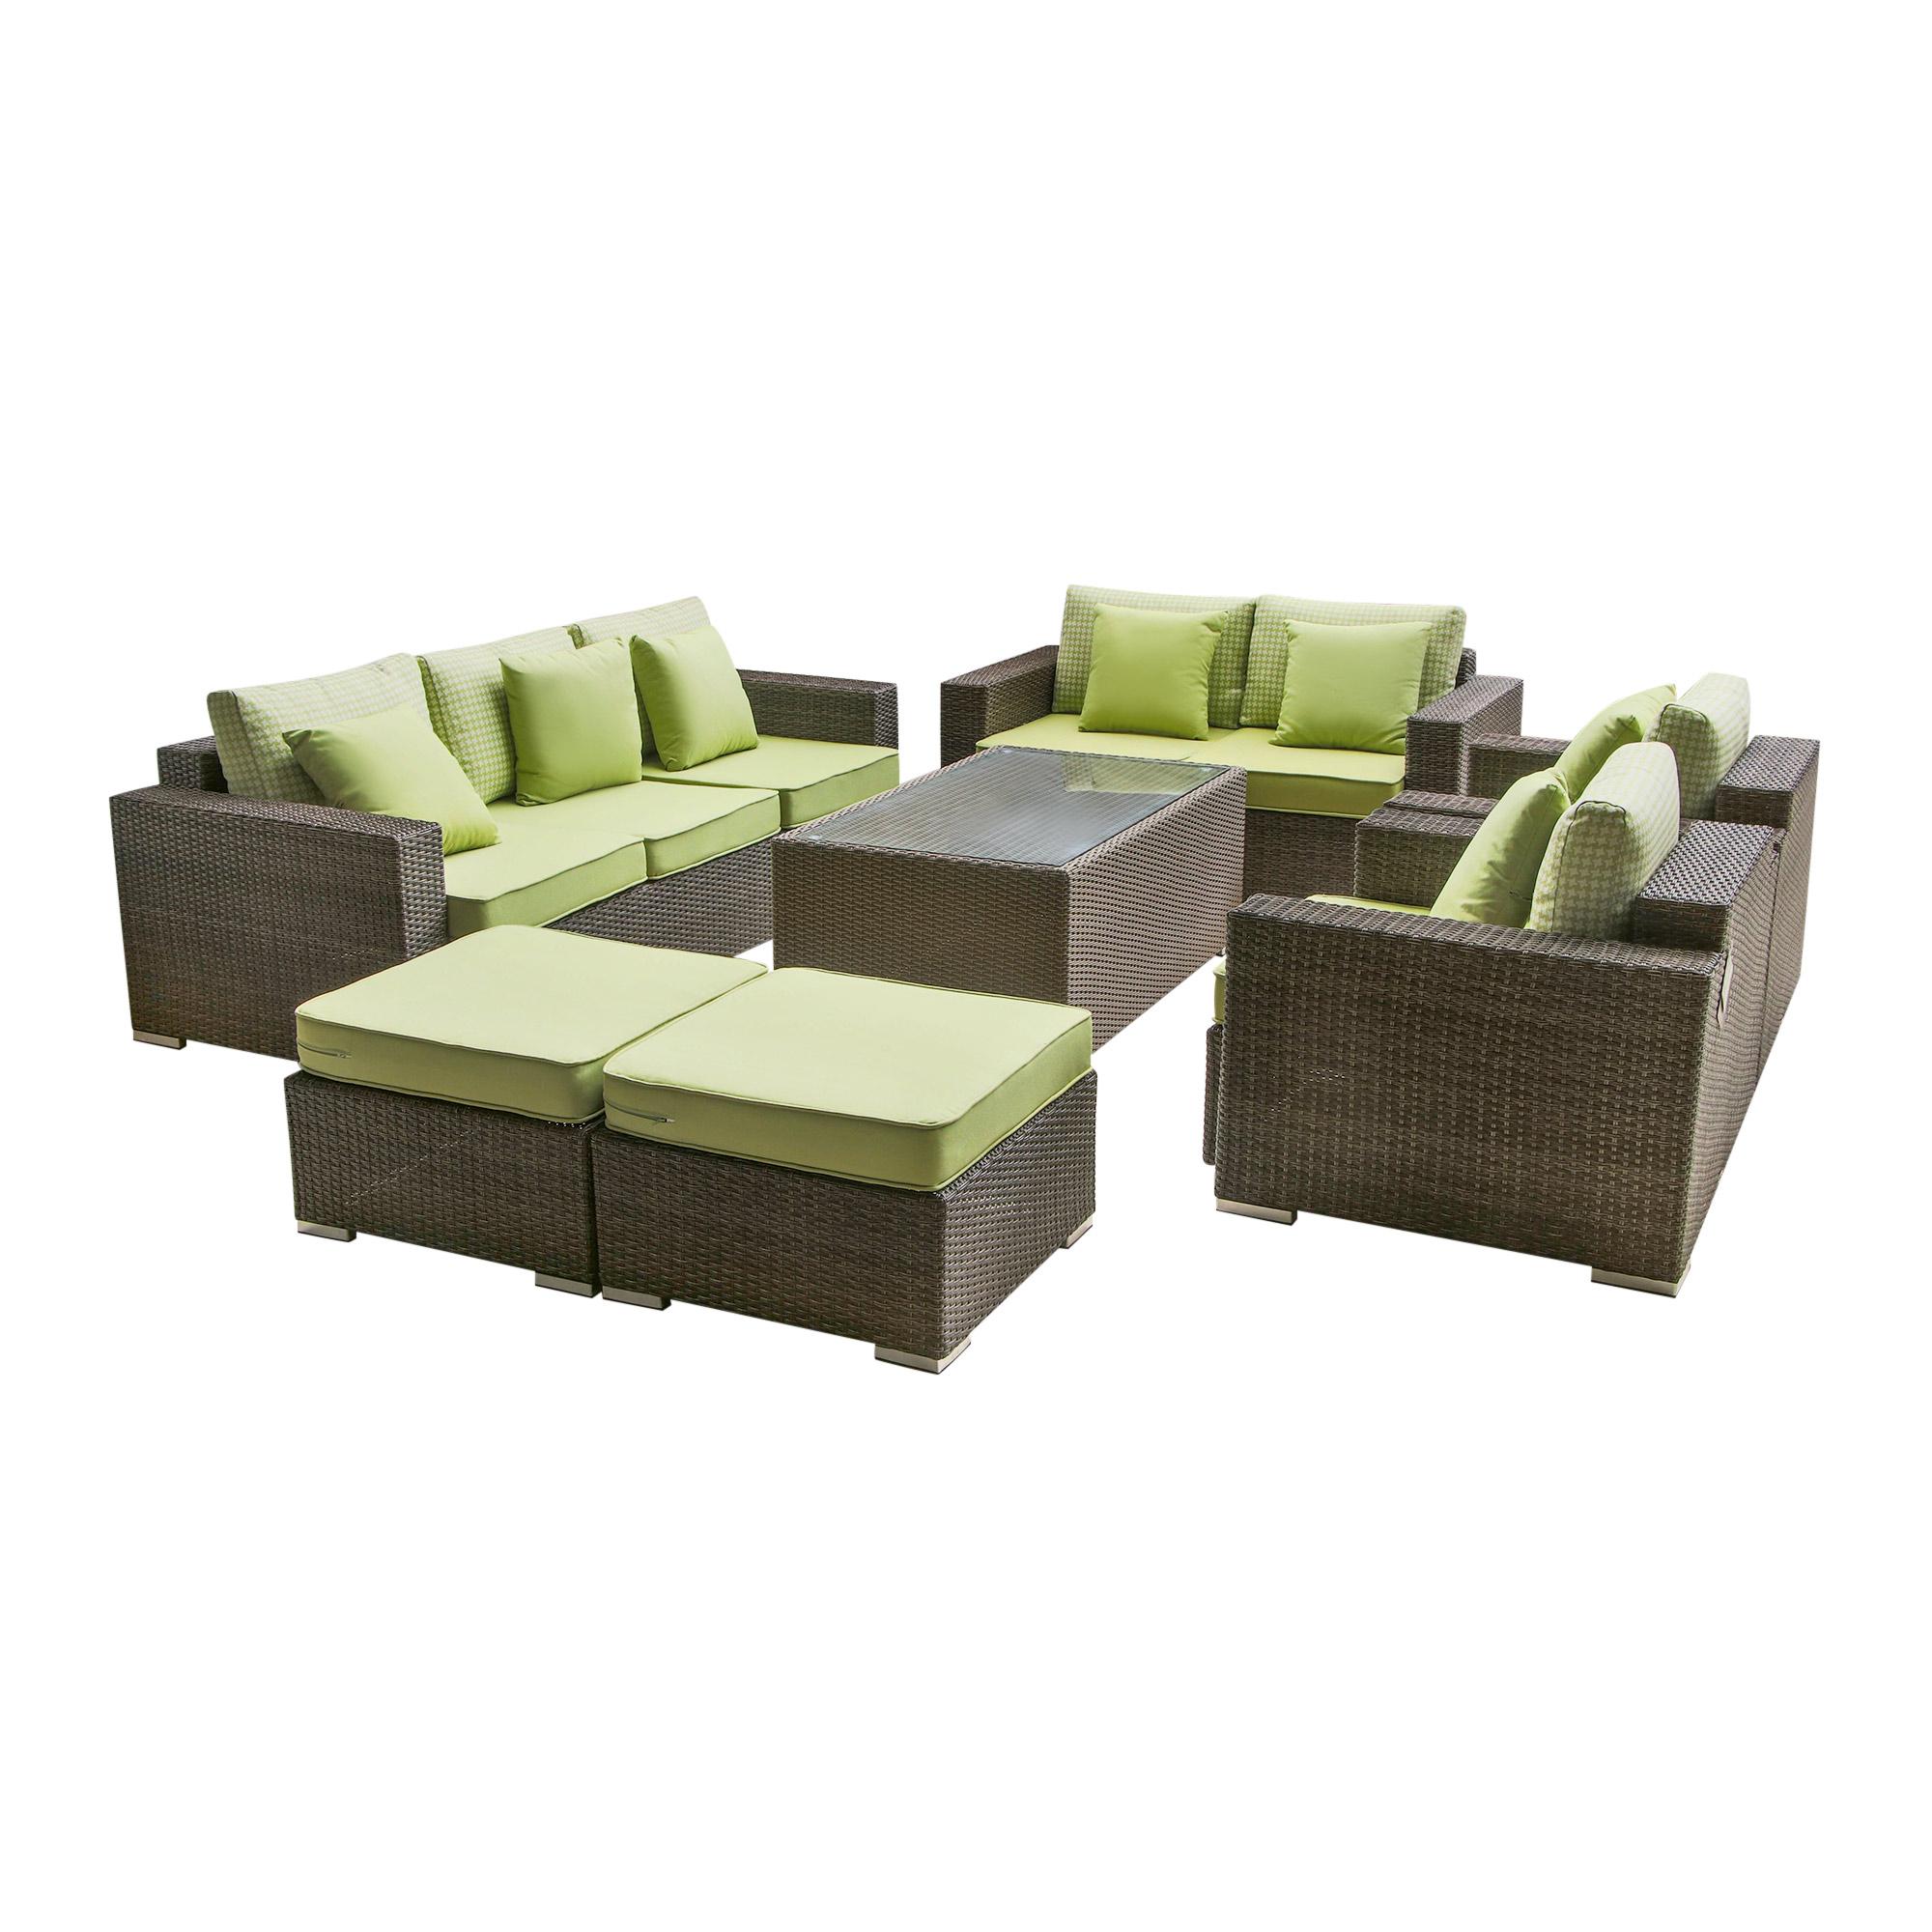 Комплект мебели Mavi rattan 7 предметов пуфы